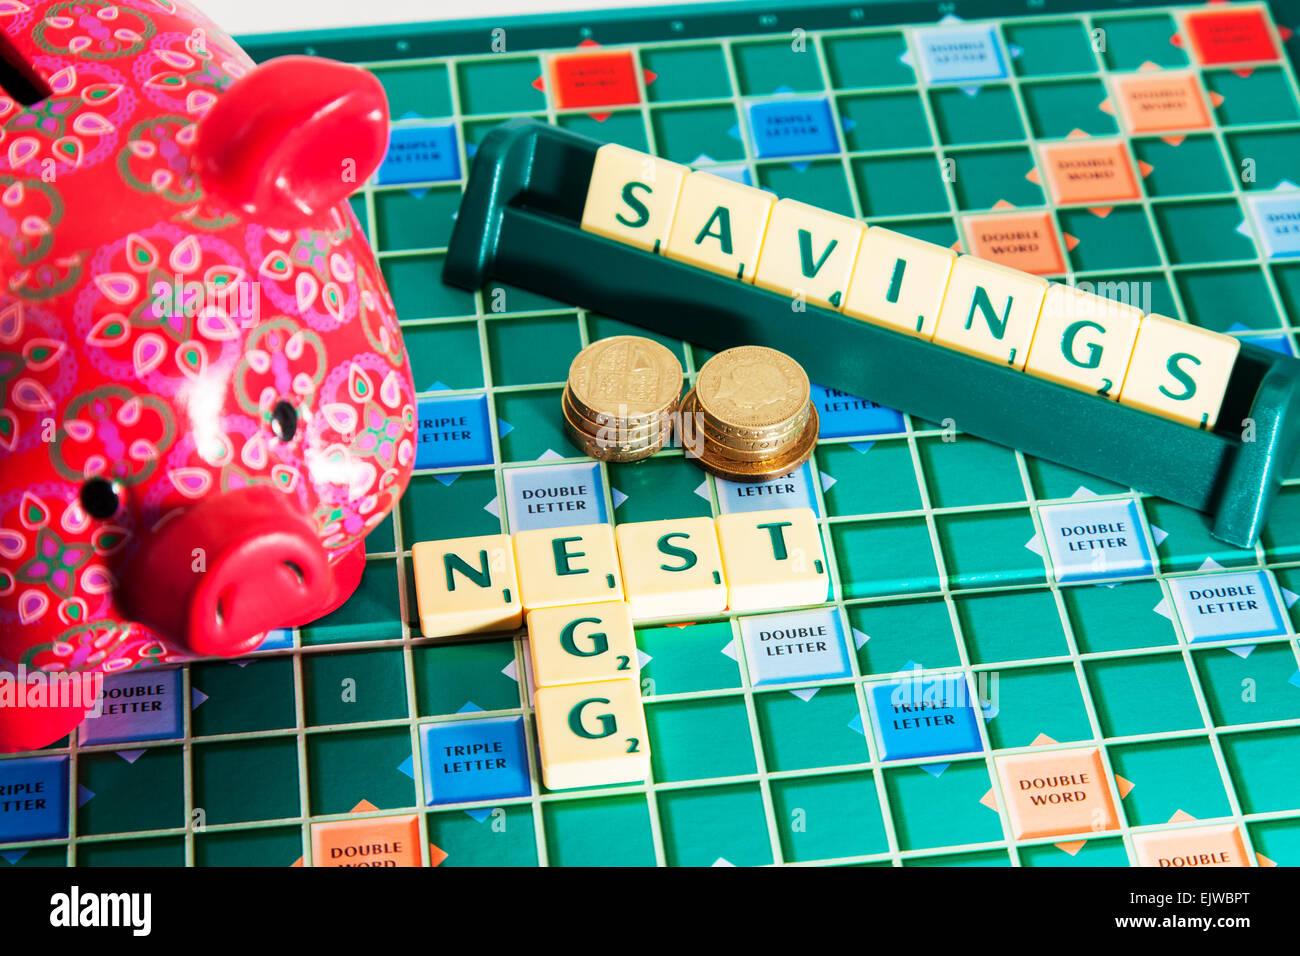 Sparschwein Notgroschen Einsparungen Geld Rente künftig sparen Geld Wörter mit Scrabble Fliesen zu buchstabieren Stockbild